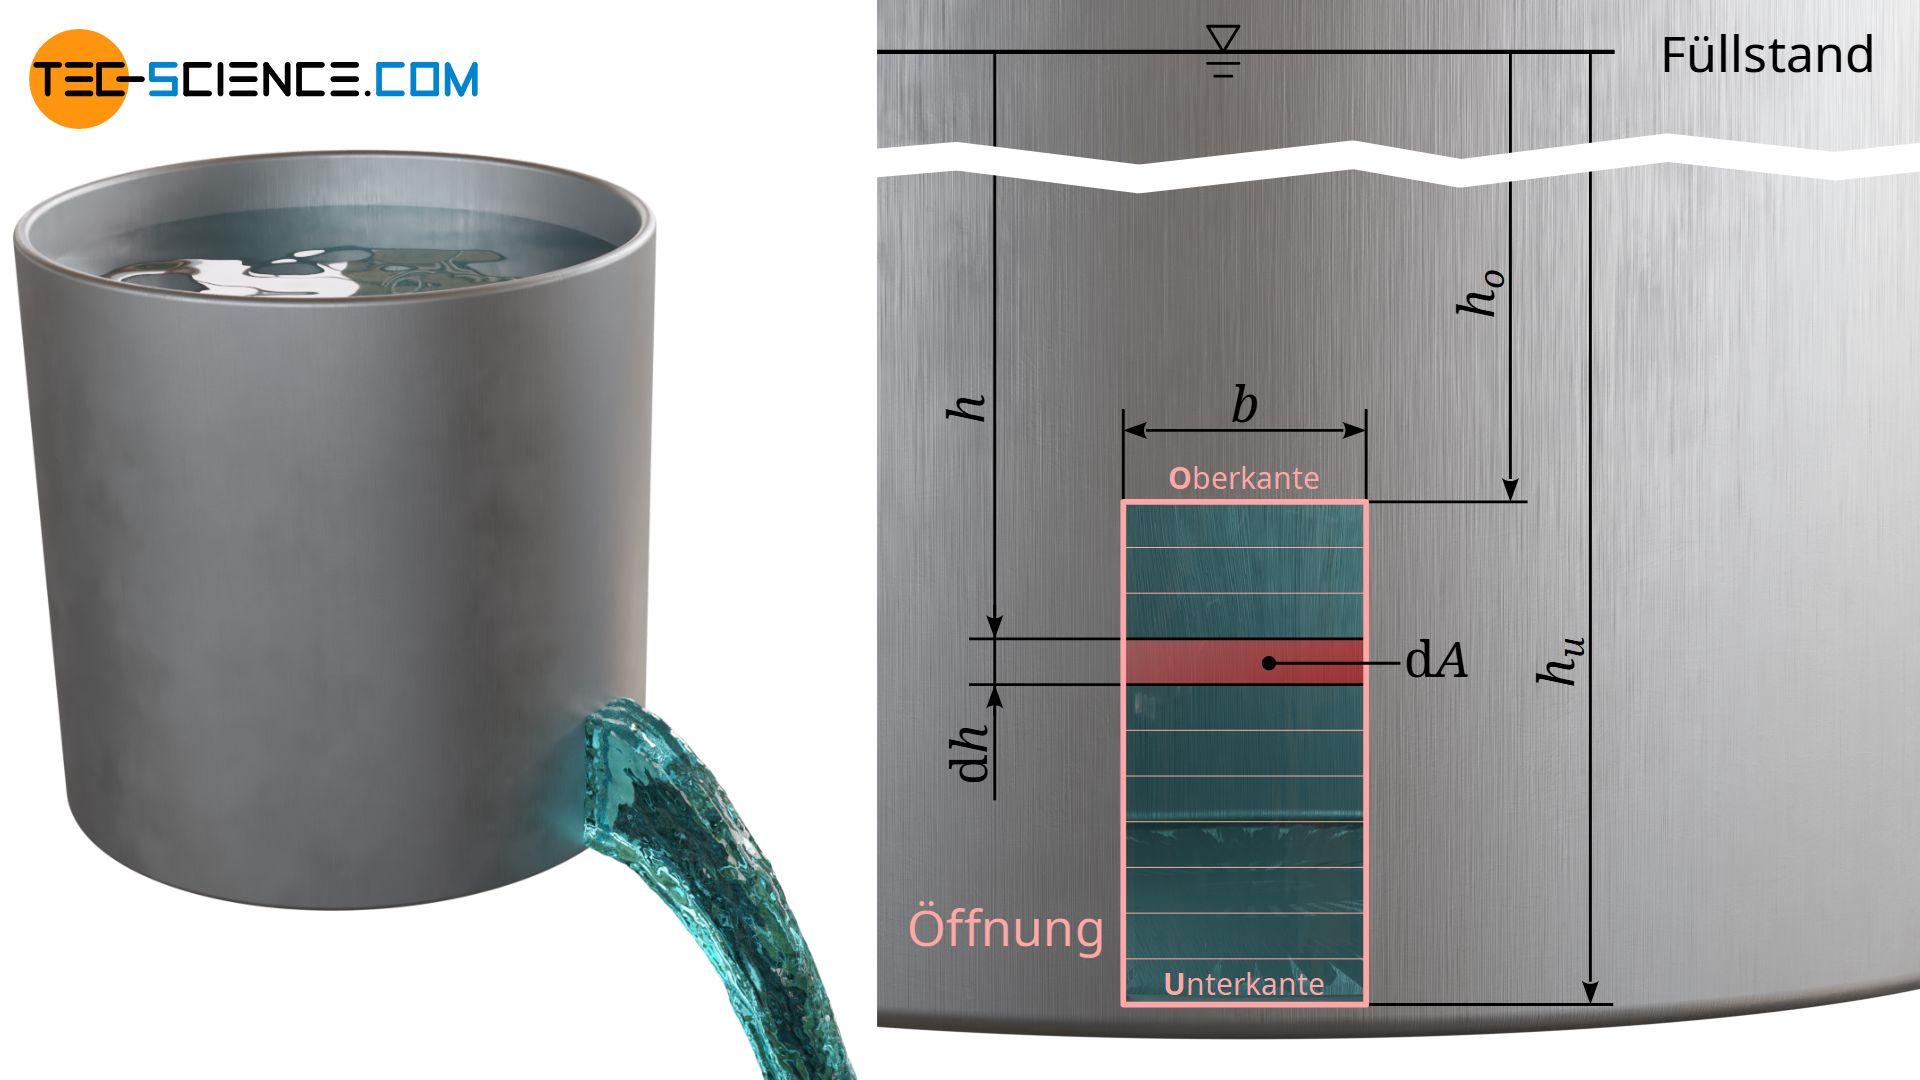 Herleitung der Abflussrate (Volumenstrom) für große Öffnungen